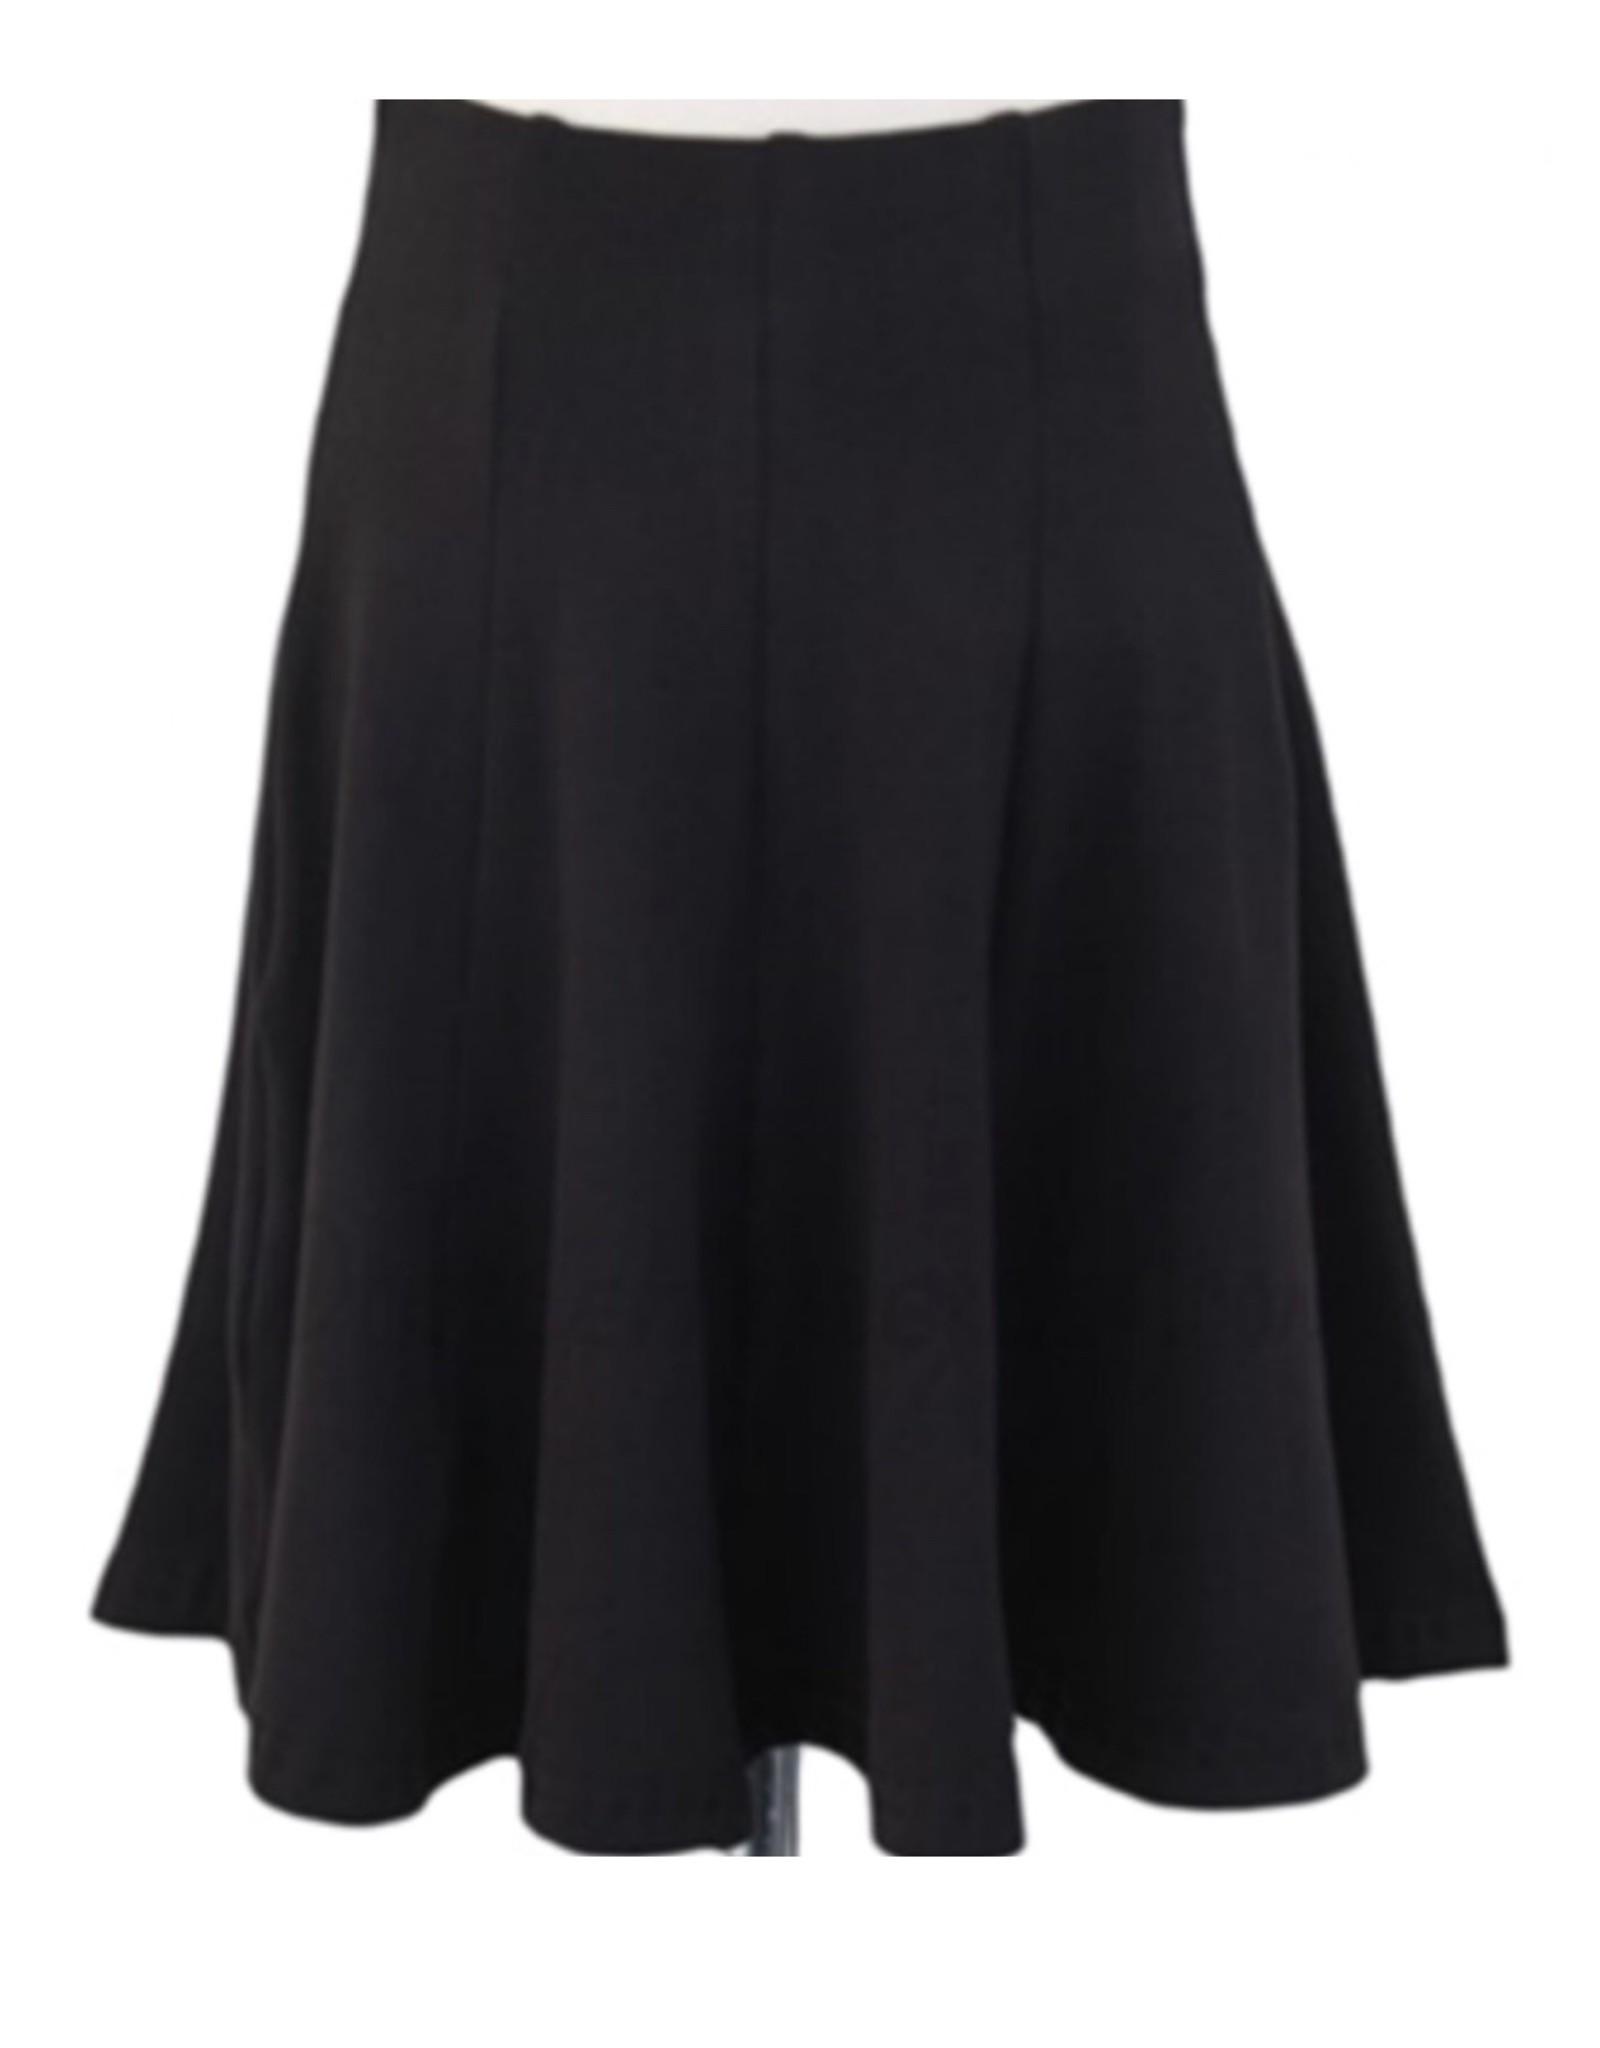 Kiki Riki Kiki Riki Girls Panel Skirt 40608